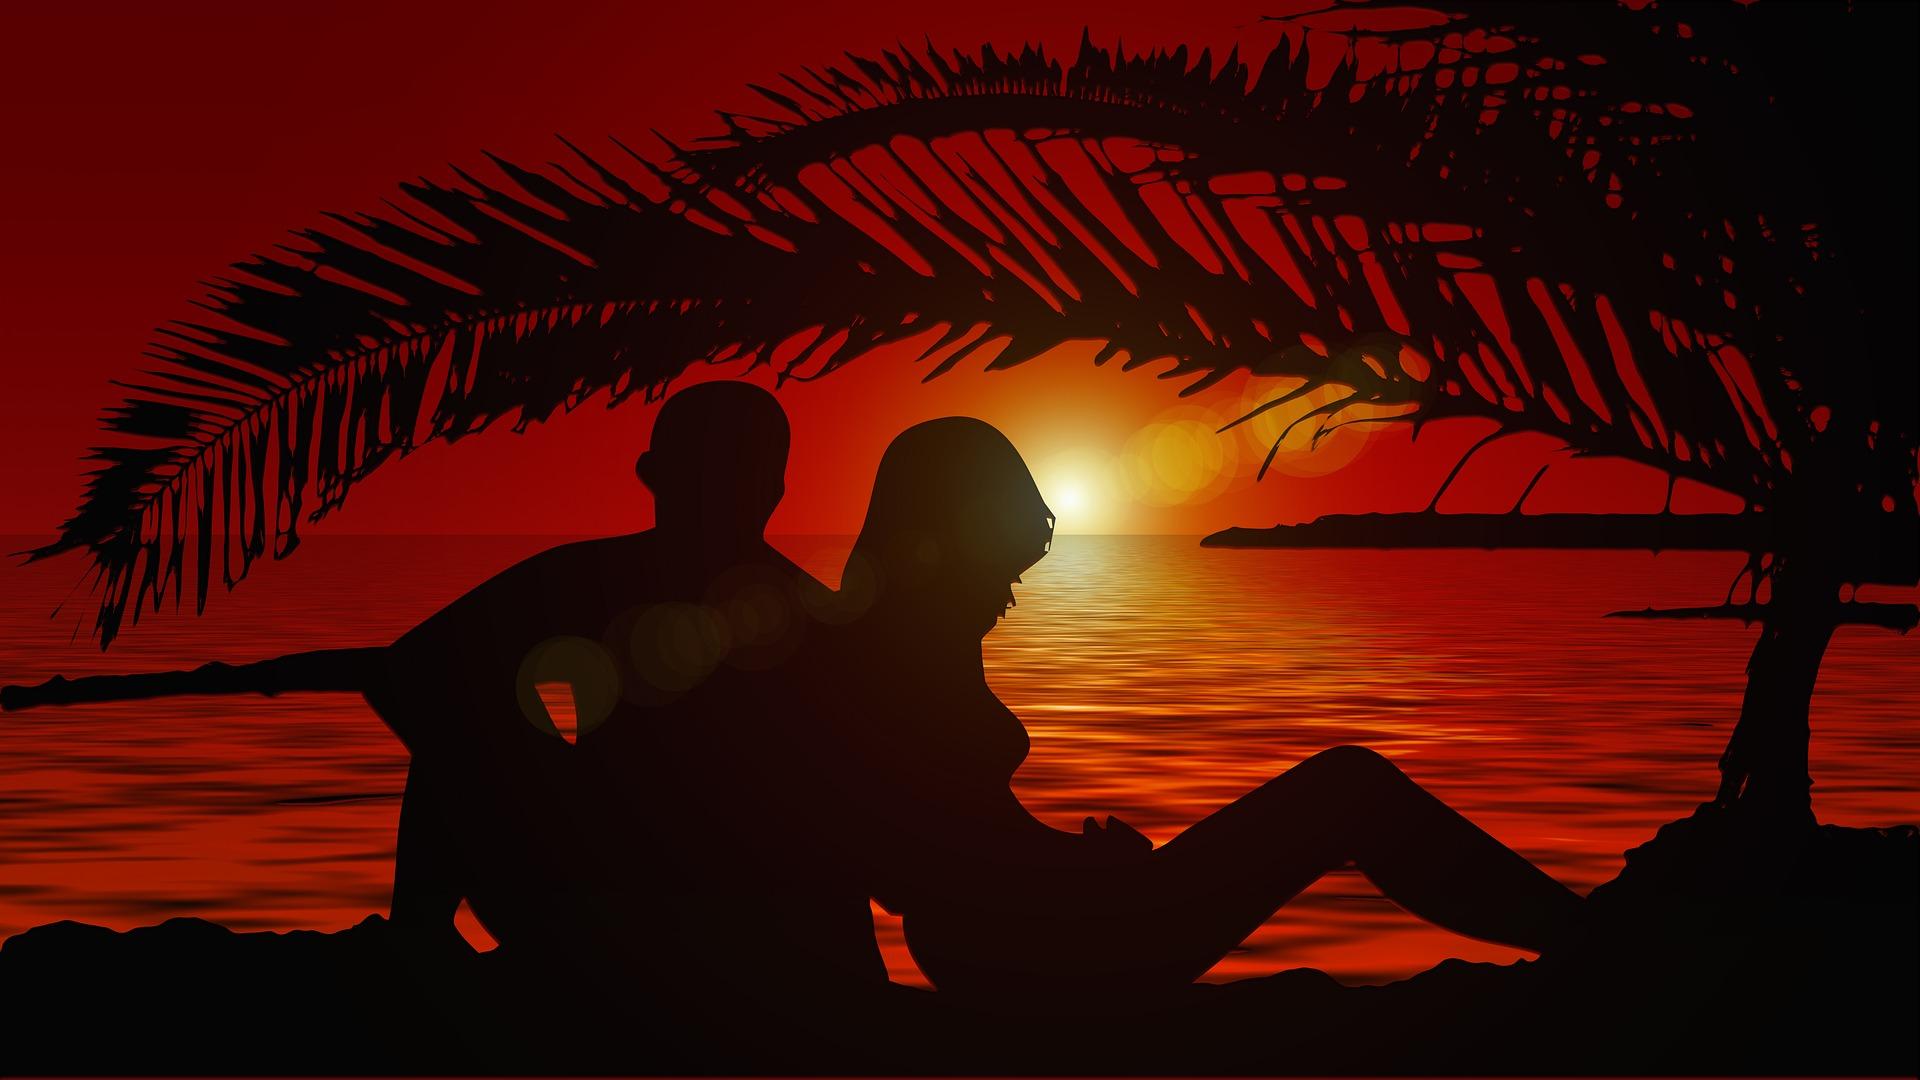 Kad se čini da ljubav nije sudjena - Zašto su se dvije